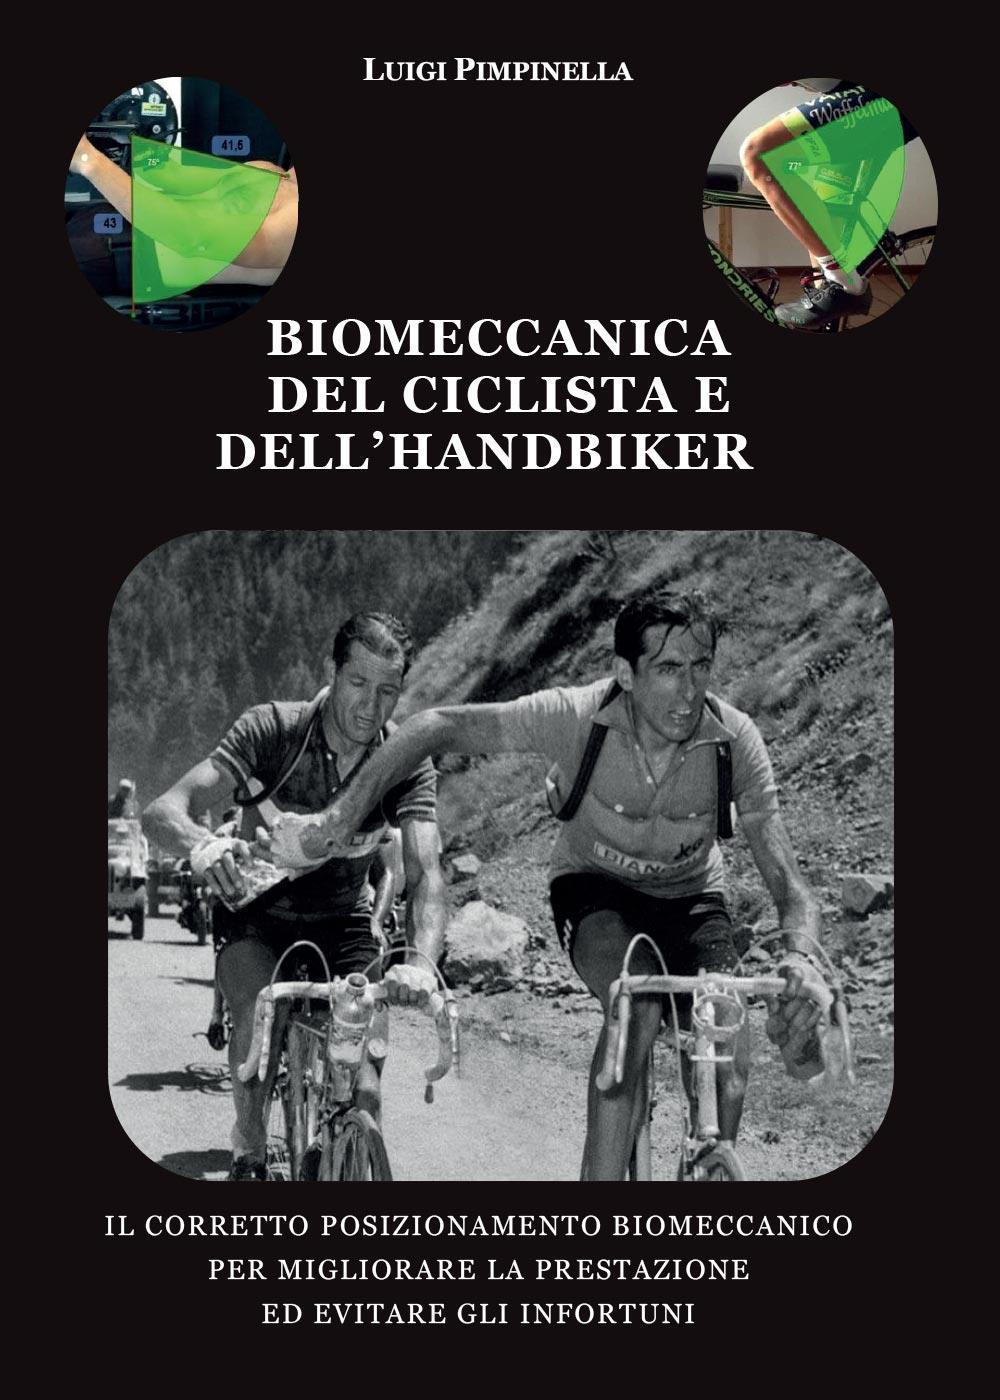 Biomeccanica del ciclista e dell'handbiker